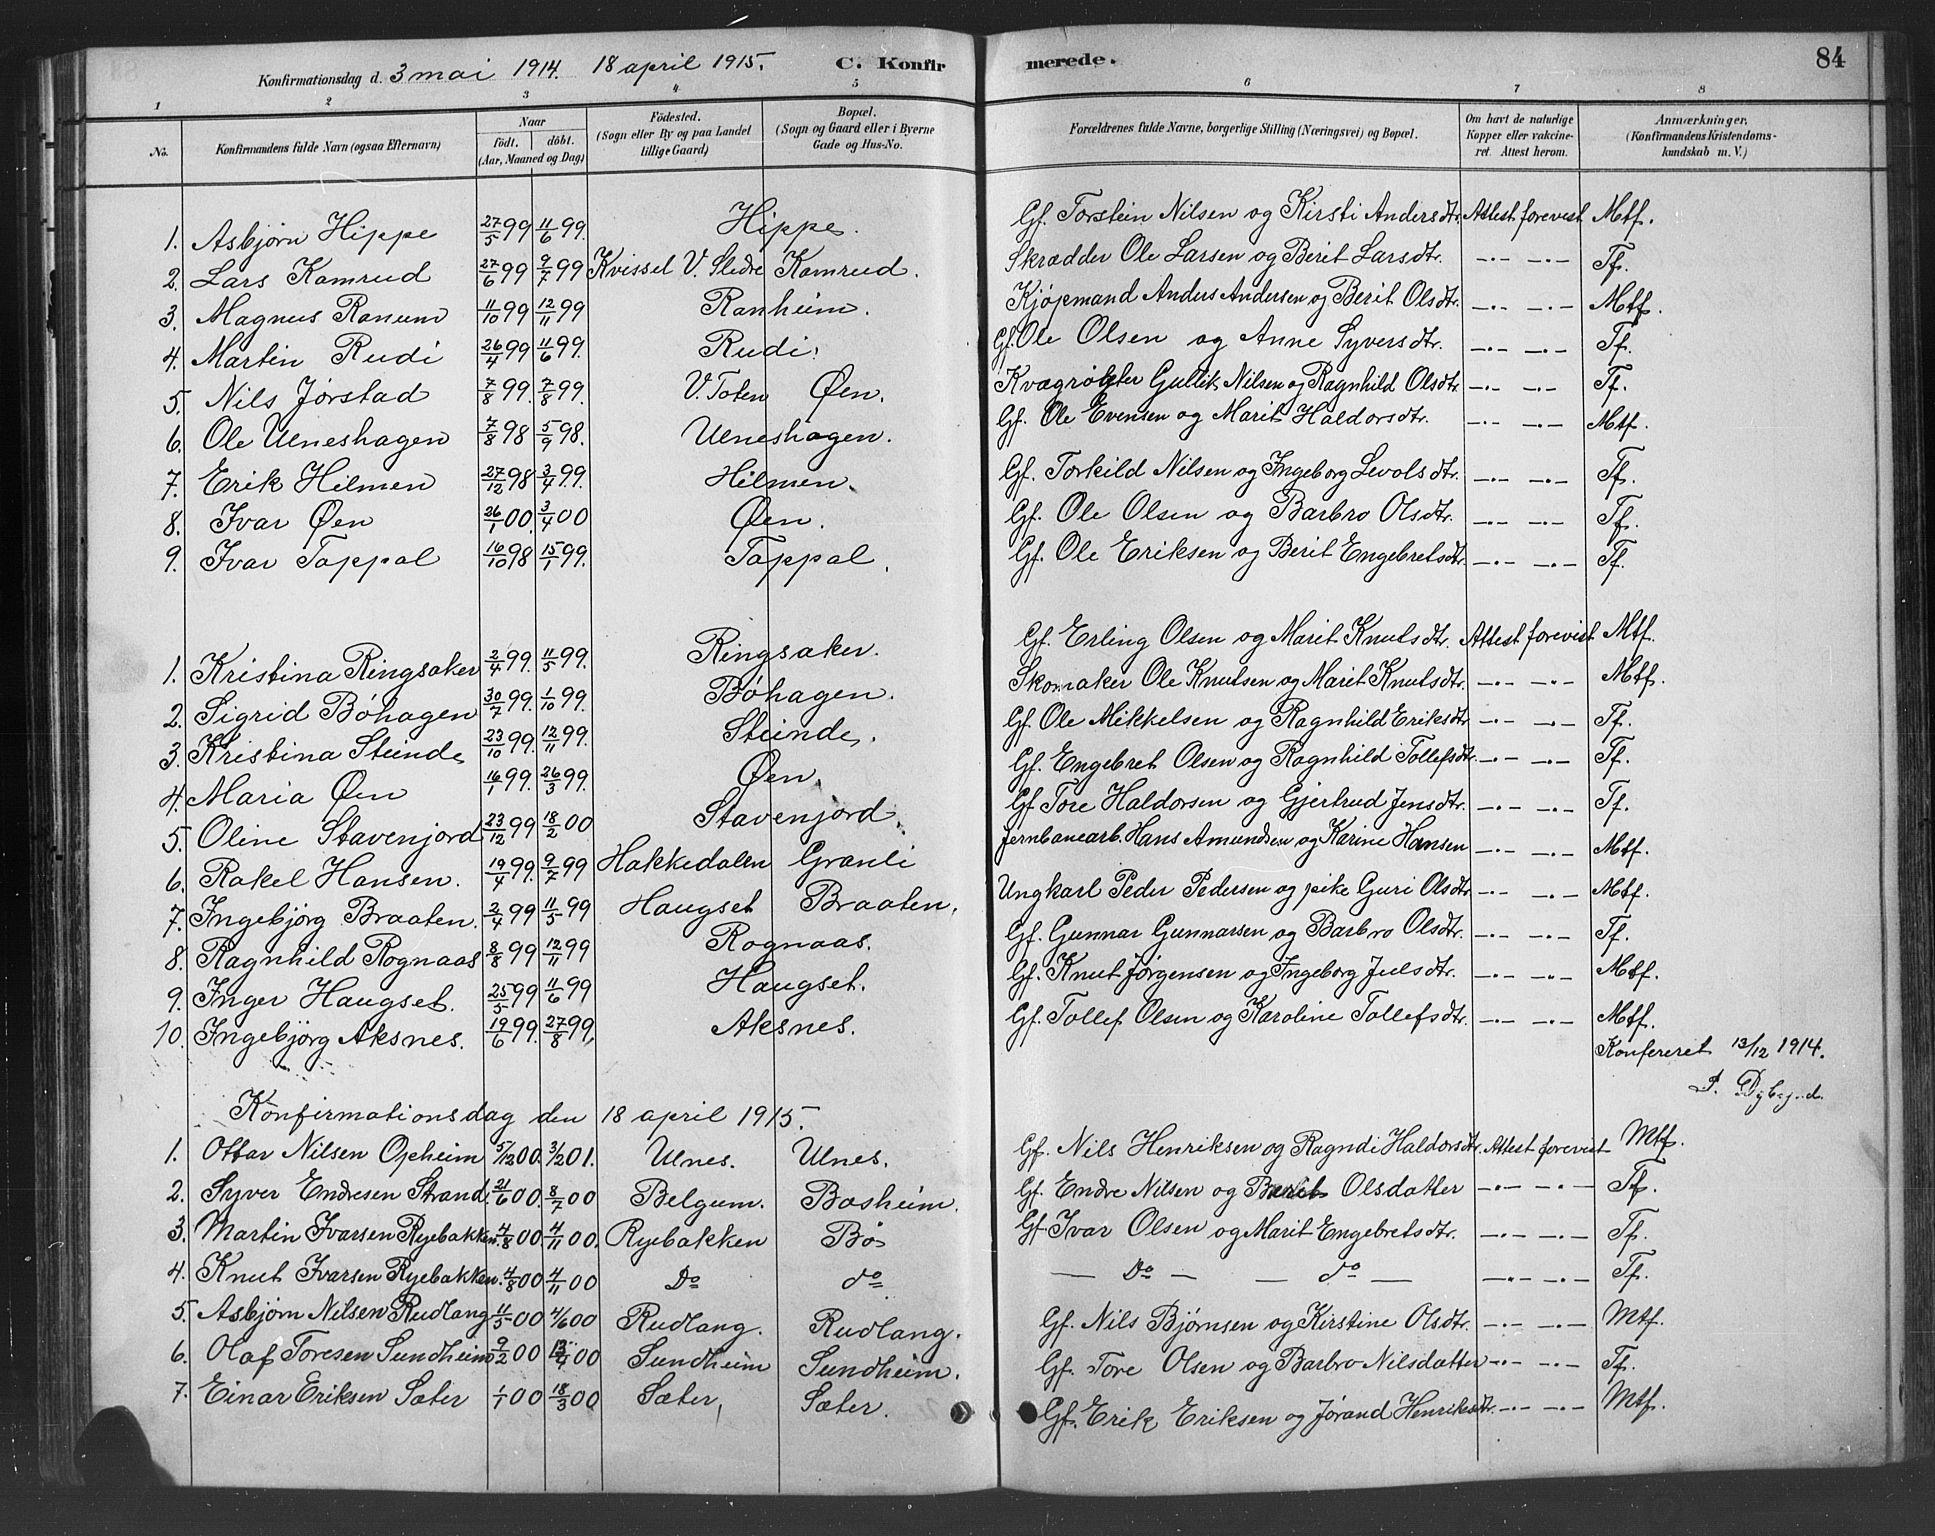 SAH, Nord-Aurdal prestekontor, Klokkerbok nr. 8, 1883-1916, s. 84